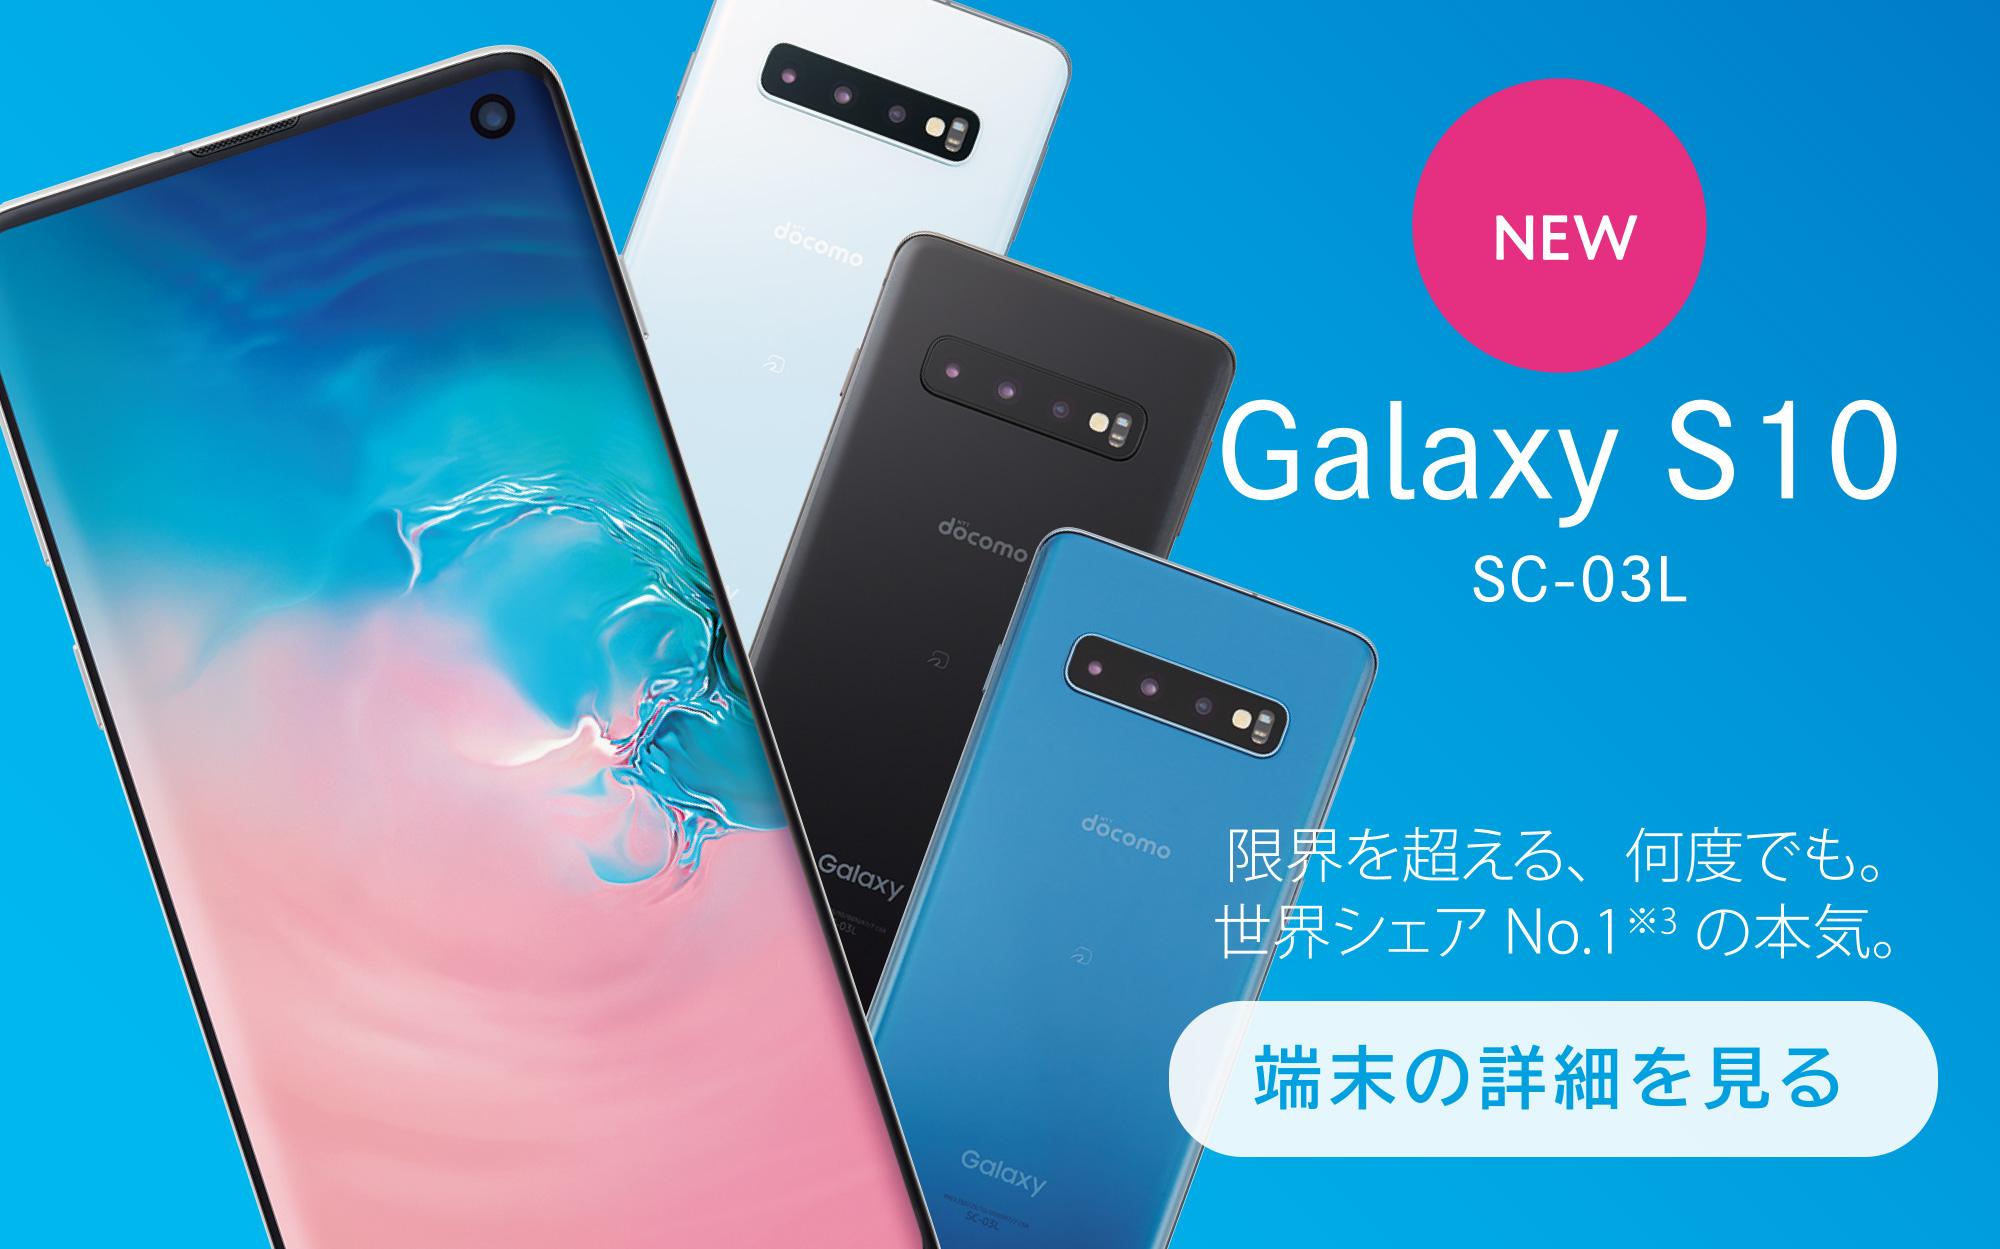 [NEW]Galaxy S10 SC-03L